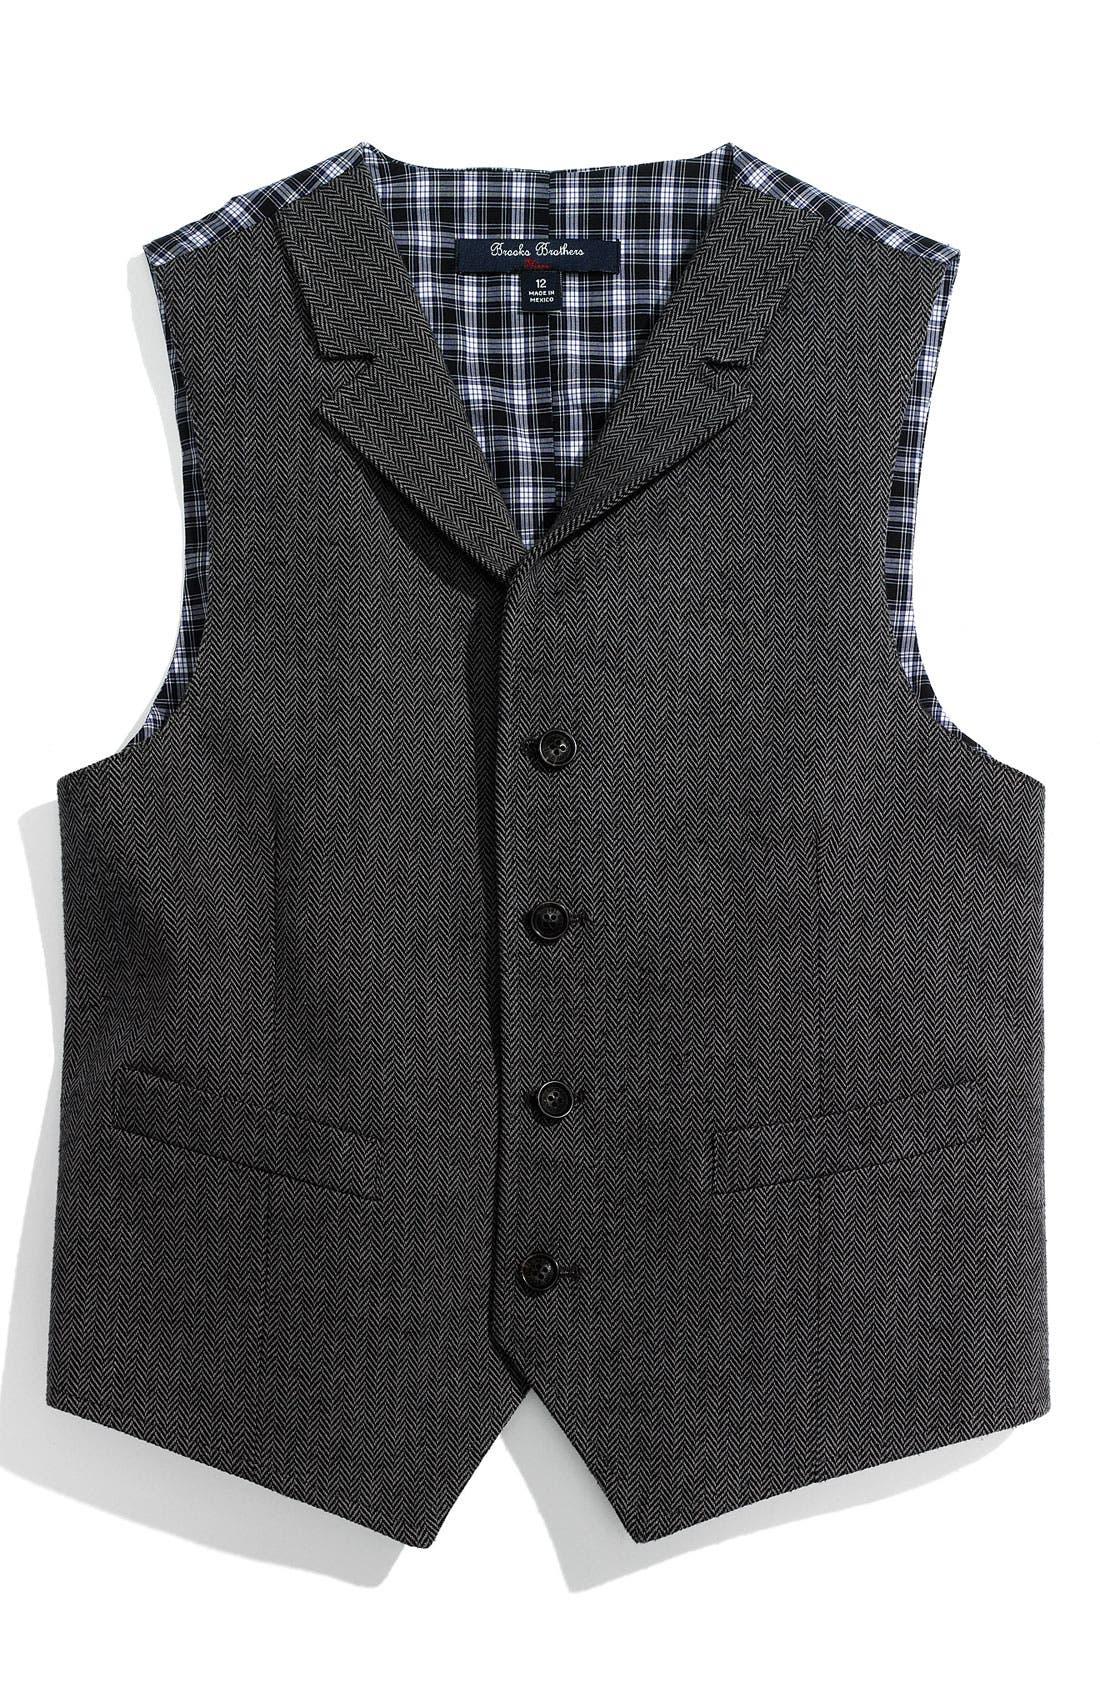 Main Image - Brooks Brothers Herringbone Vest (Big Boys)